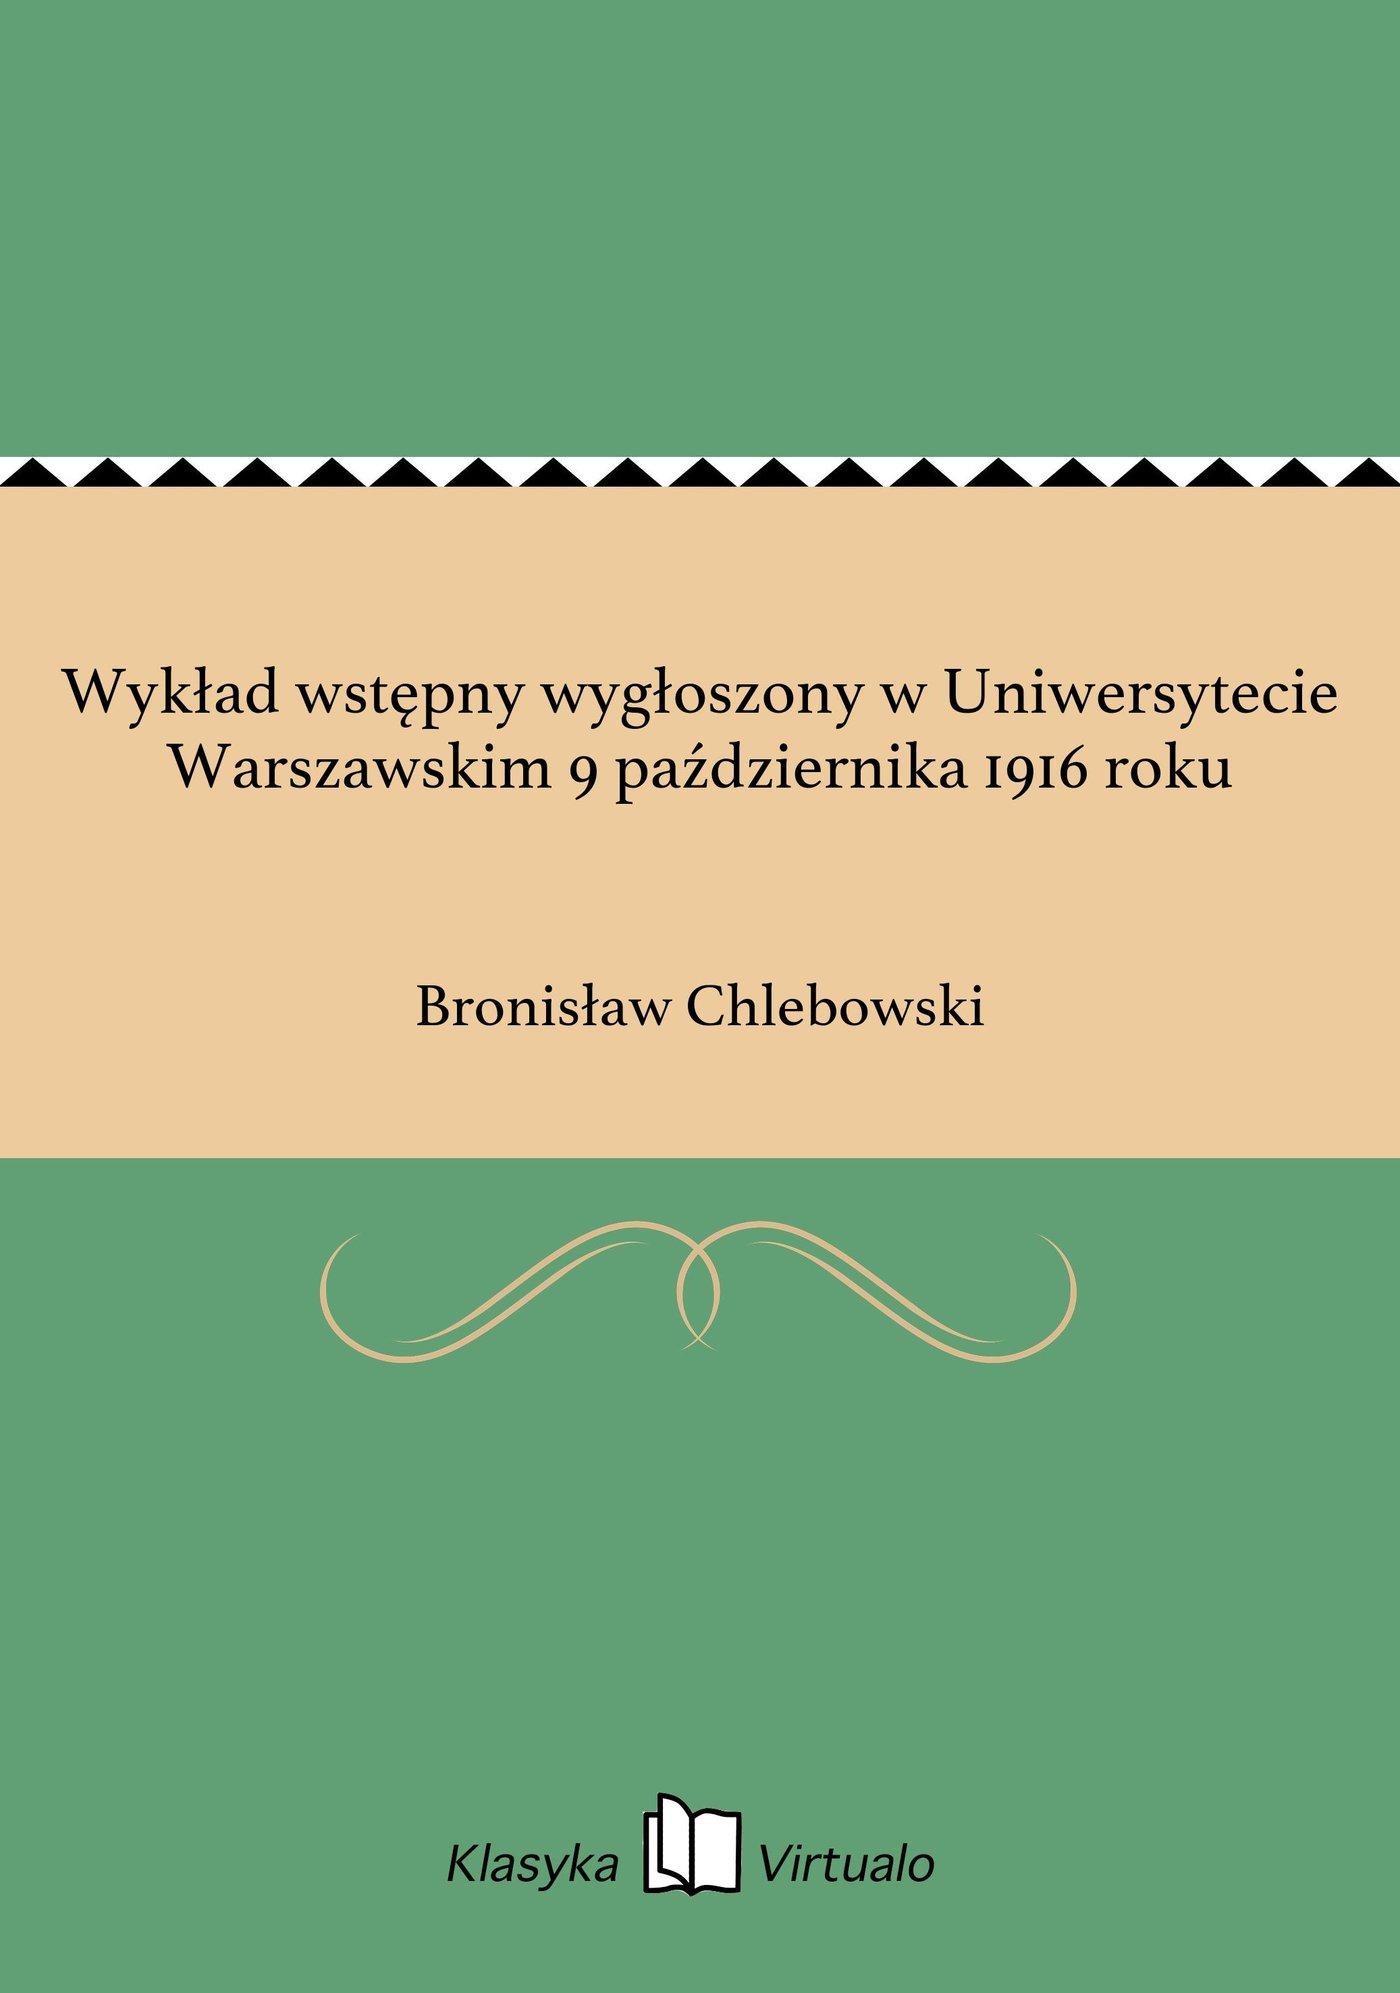 Wykład wstępny wygłoszony w Uniwersytecie Warszawskim 9 października 1916 roku - Ebook (Książka EPUB) do pobrania w formacie EPUB